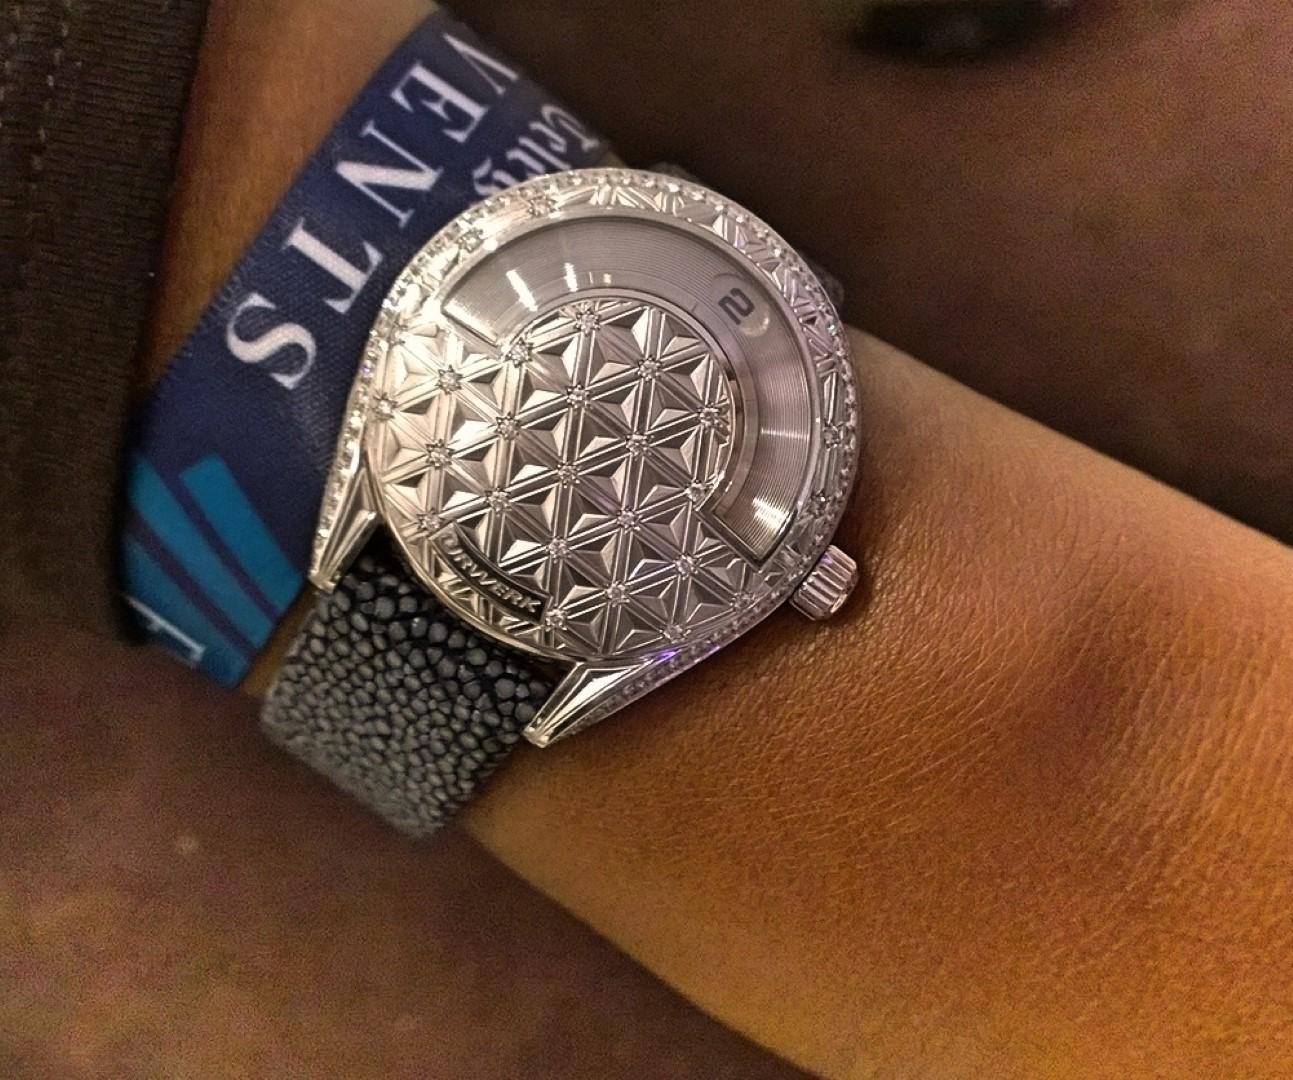 Uno de los 3 Urwerk 101 fabricados, el único reloj de mujer de la marca